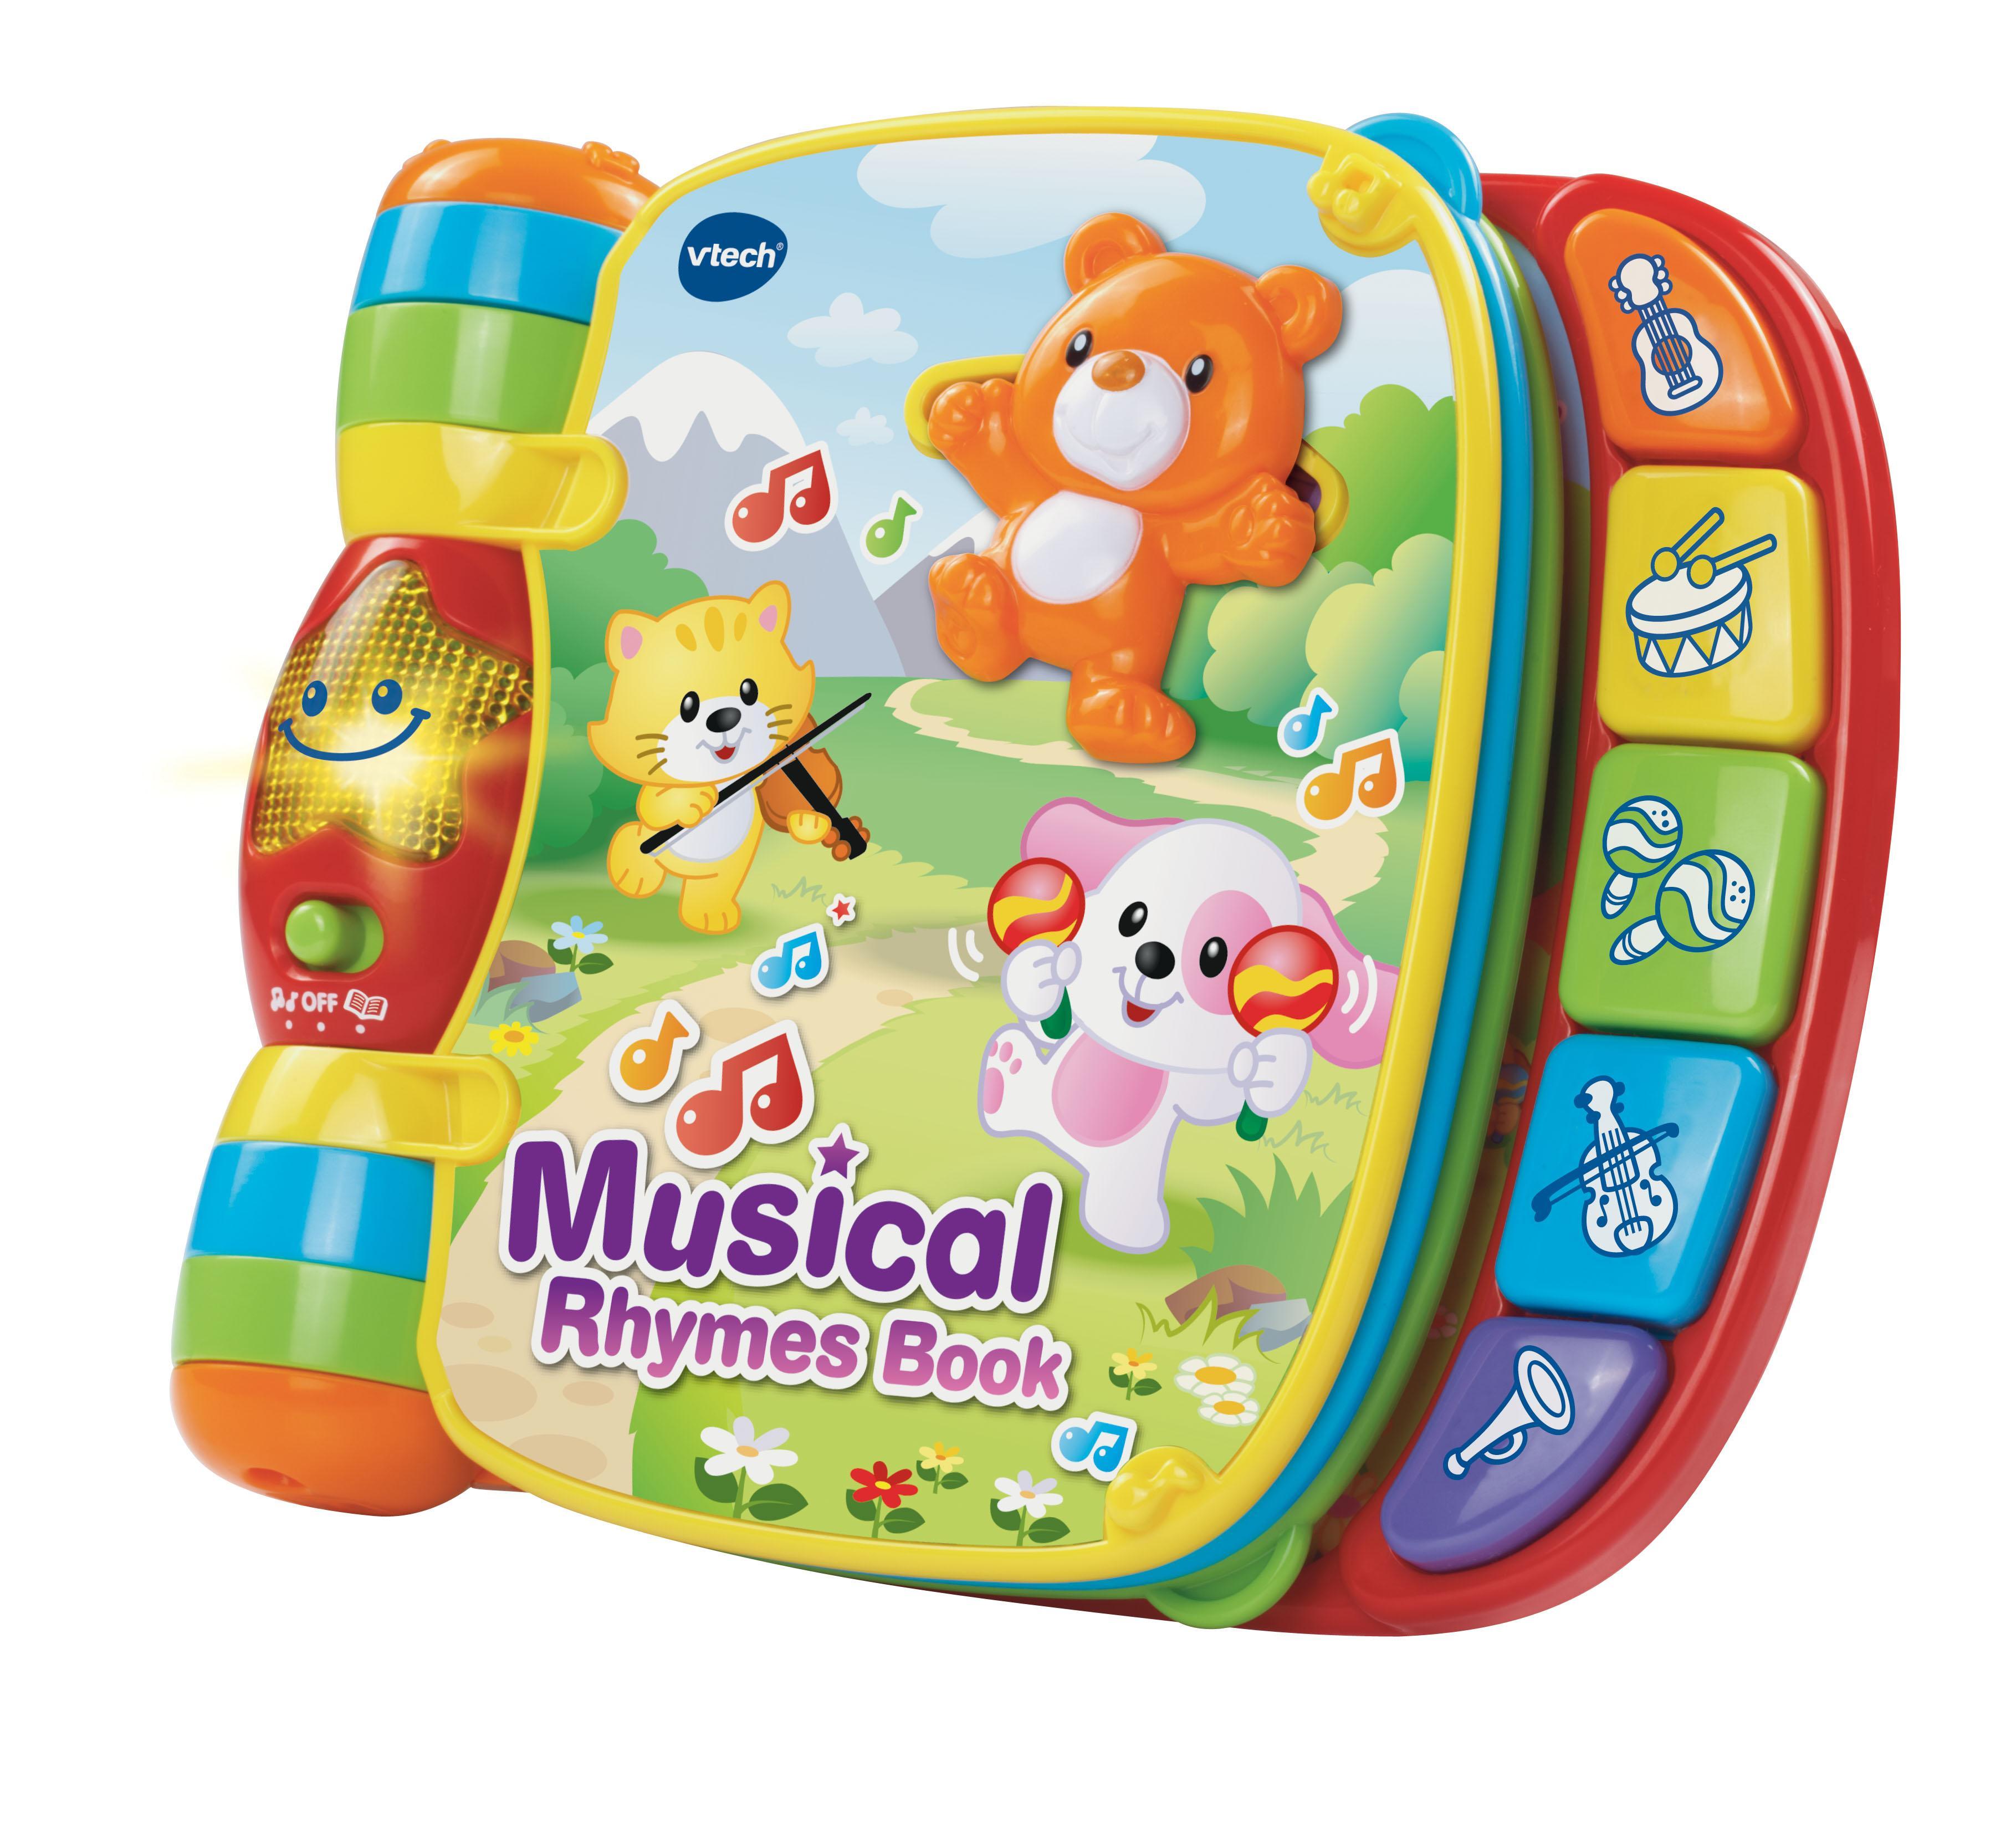 For nursery rhymes babies book